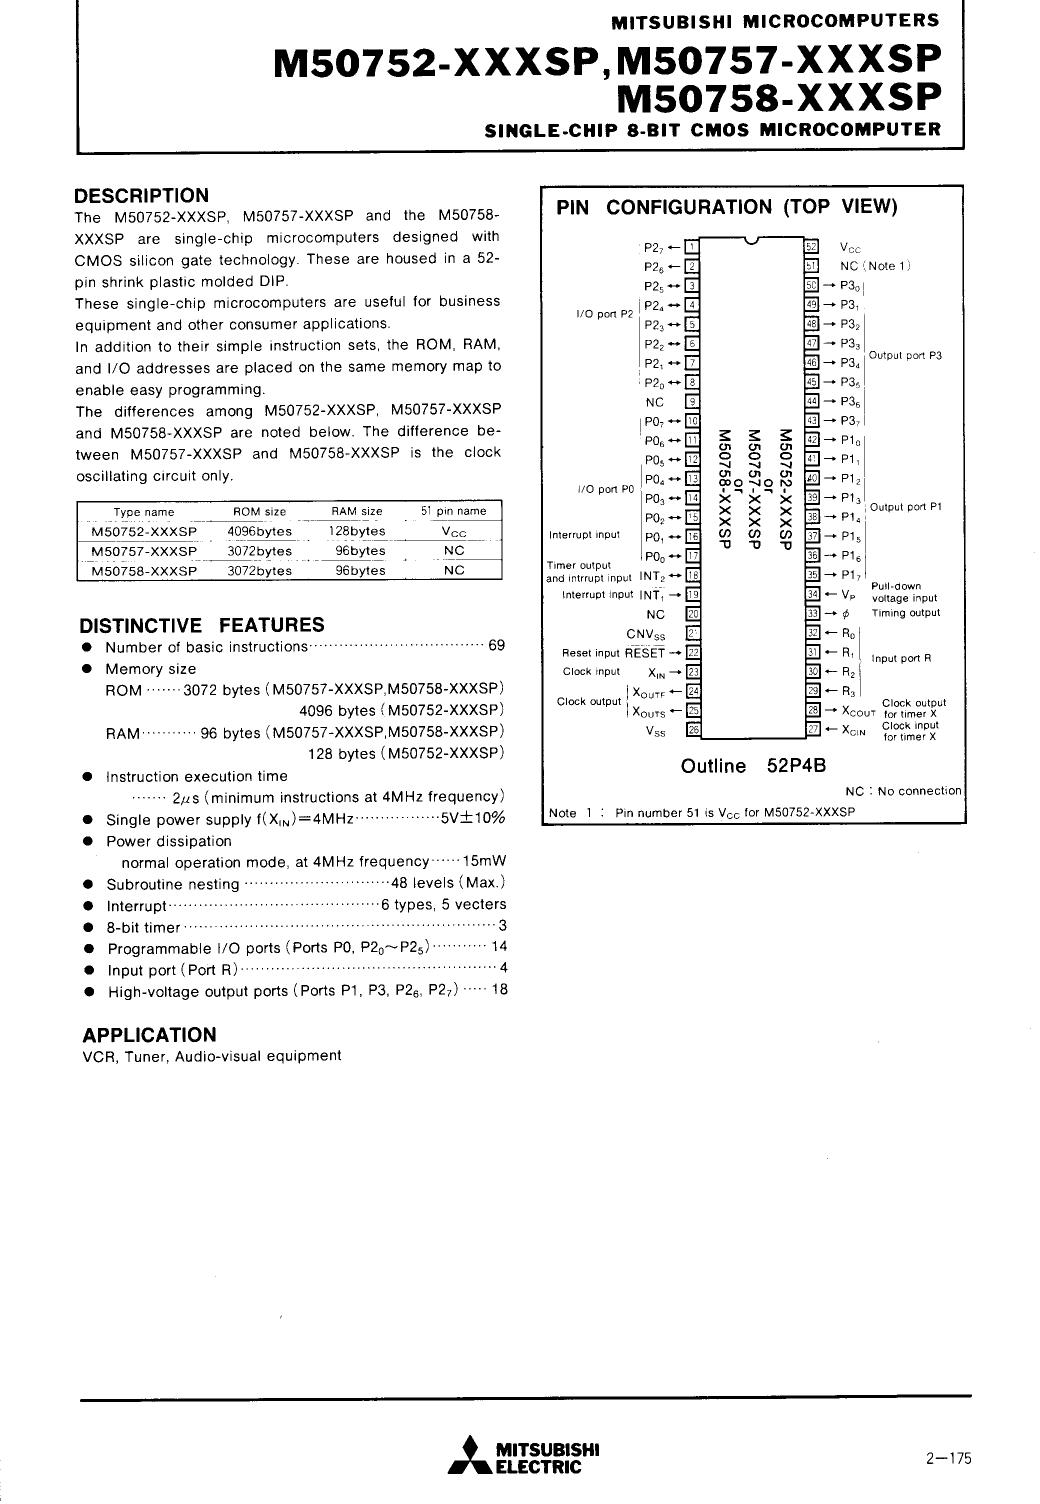 M50752-XXXSP datasheet